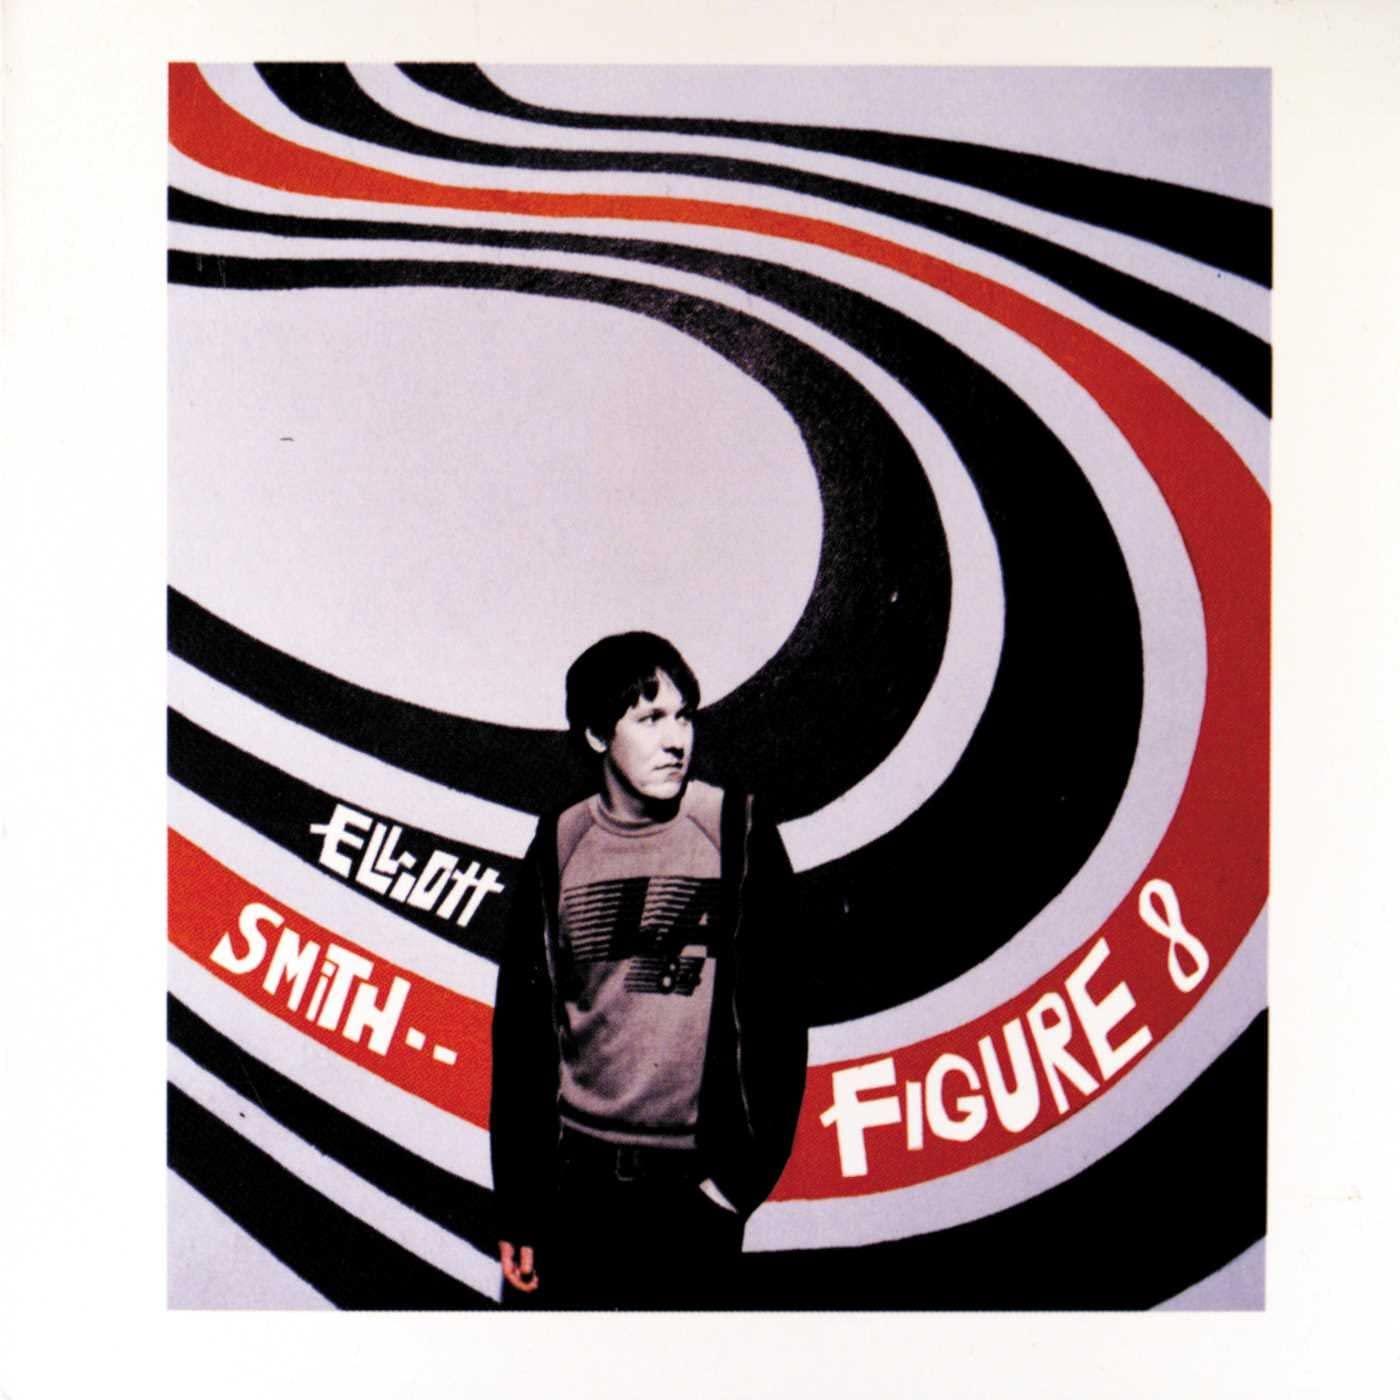 Elliott Smith - Figure 8 LP